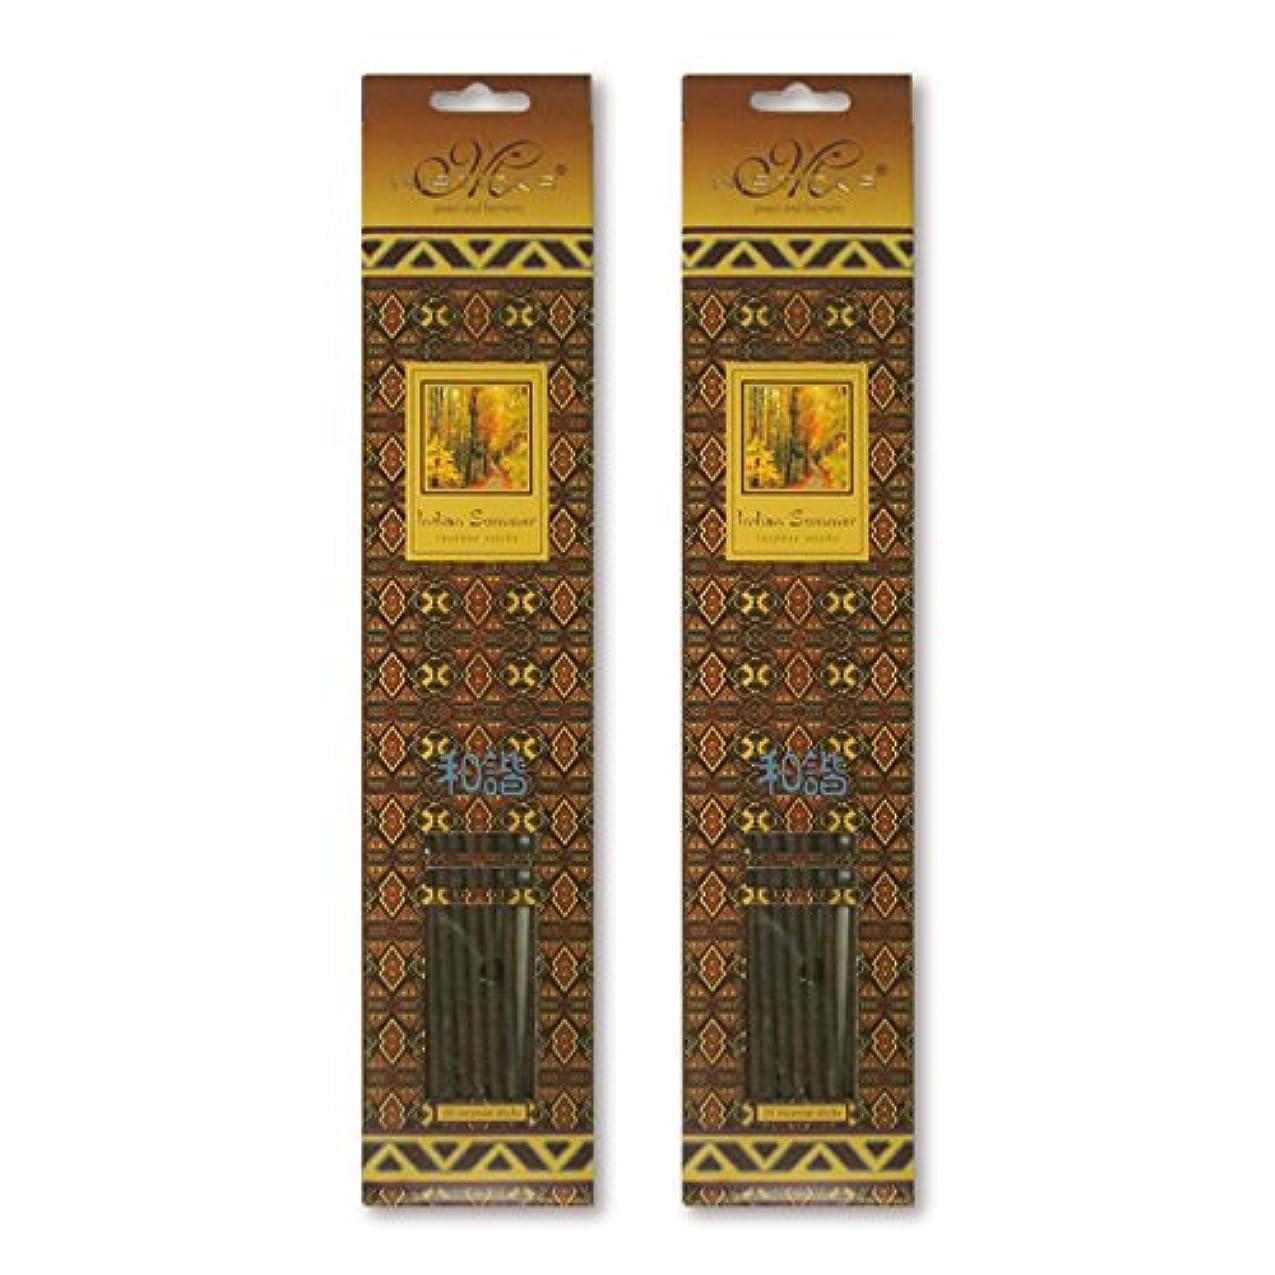 うるさい主導権誇張MISTICKS ミスティックス Indian Summer インディアンサマー お香 20本 X 2パック (40本)